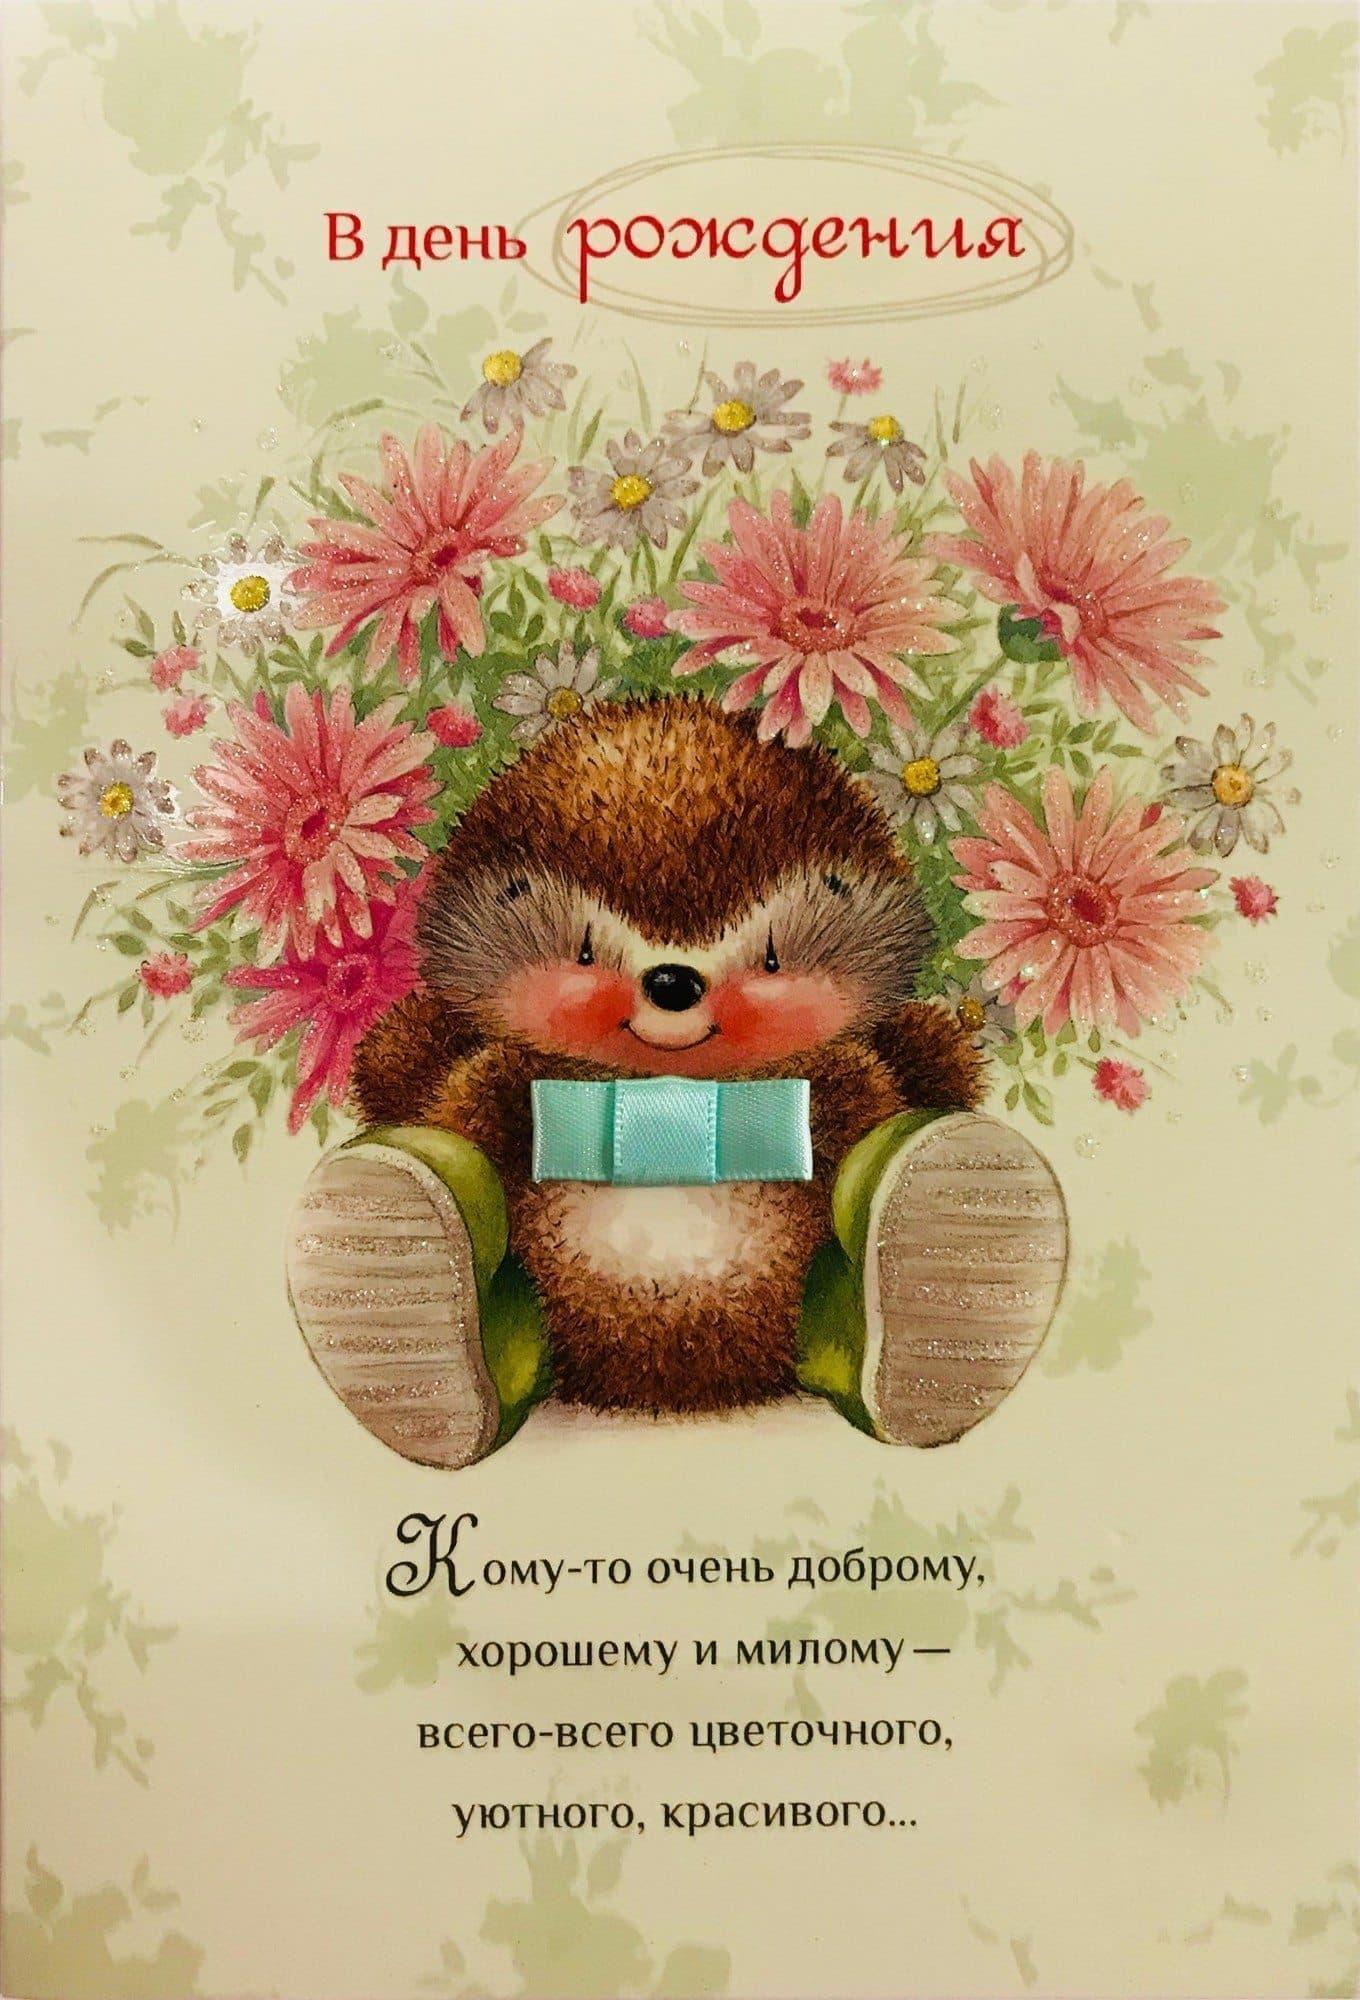 Открытка большая В день рождения Кому-то очень добромуБольшие открытки 100 руб.<br><br>